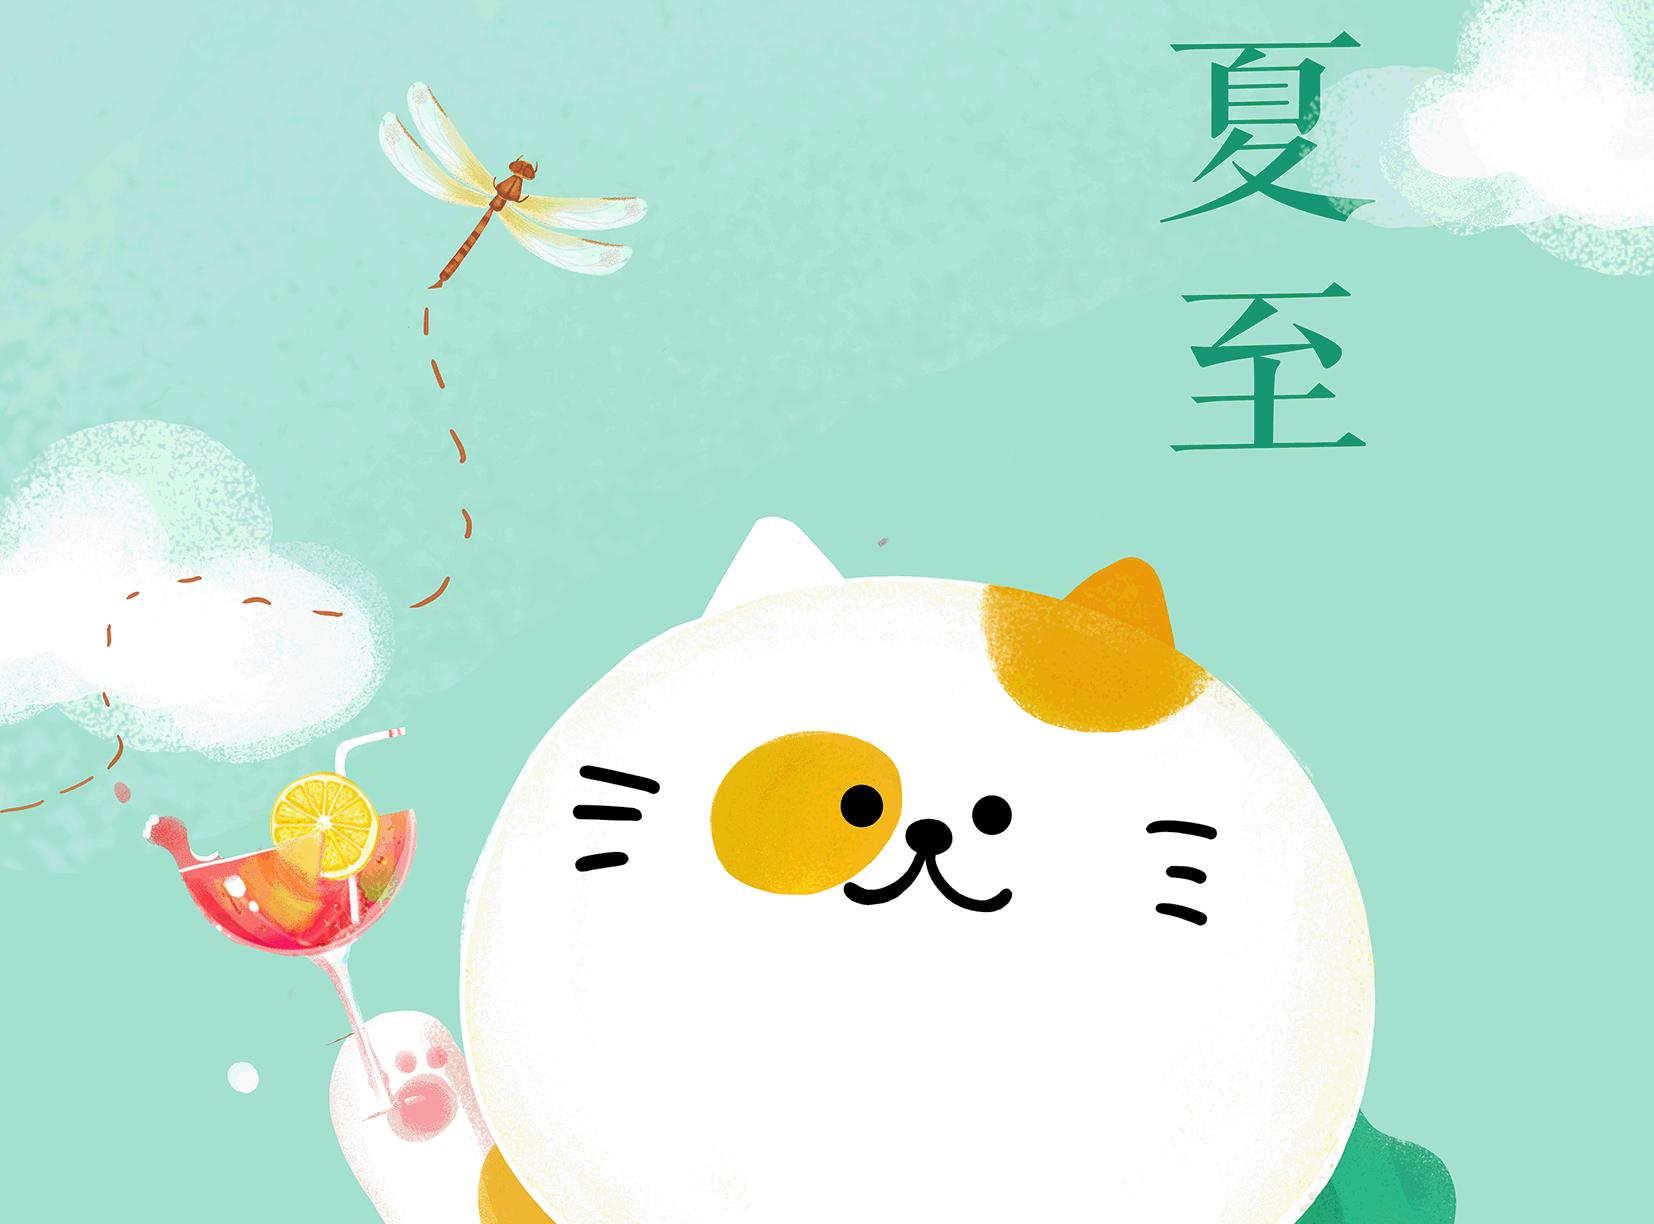 丑猫多鱼24节气壁纸——夏至